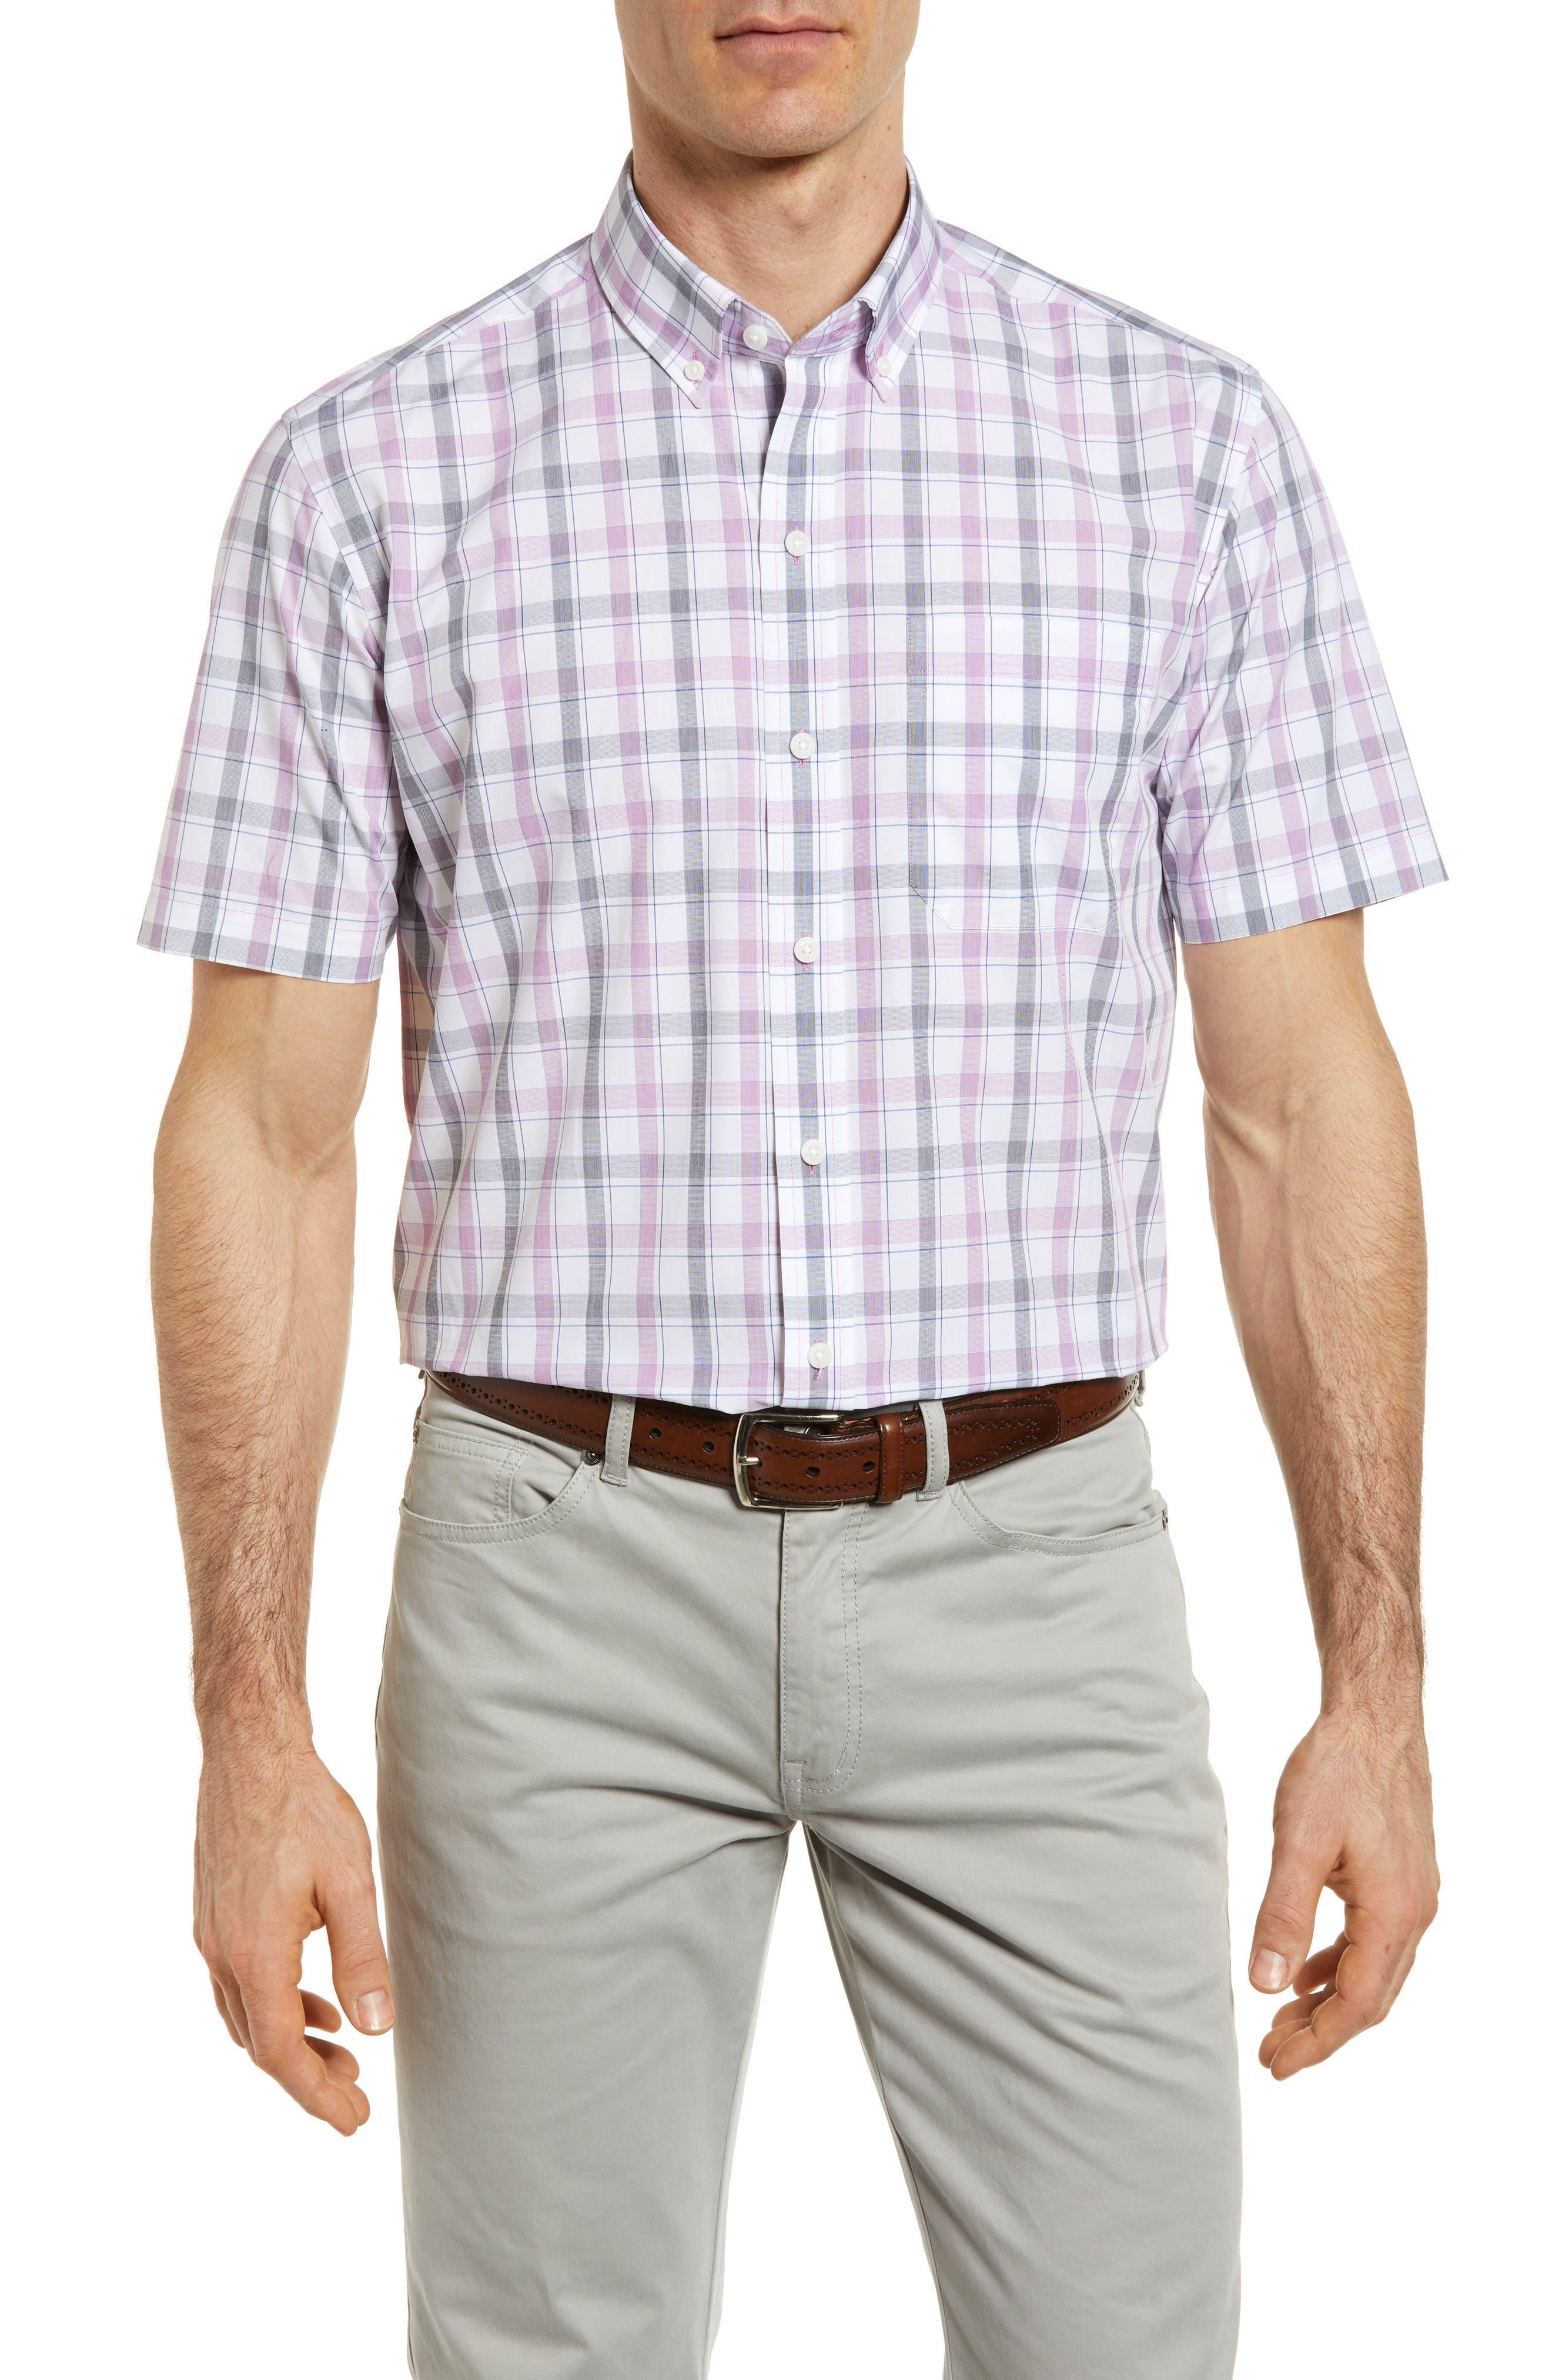 Main Image - Cutter & Buck Griffen Non-Iron Plaid Sport Shirt